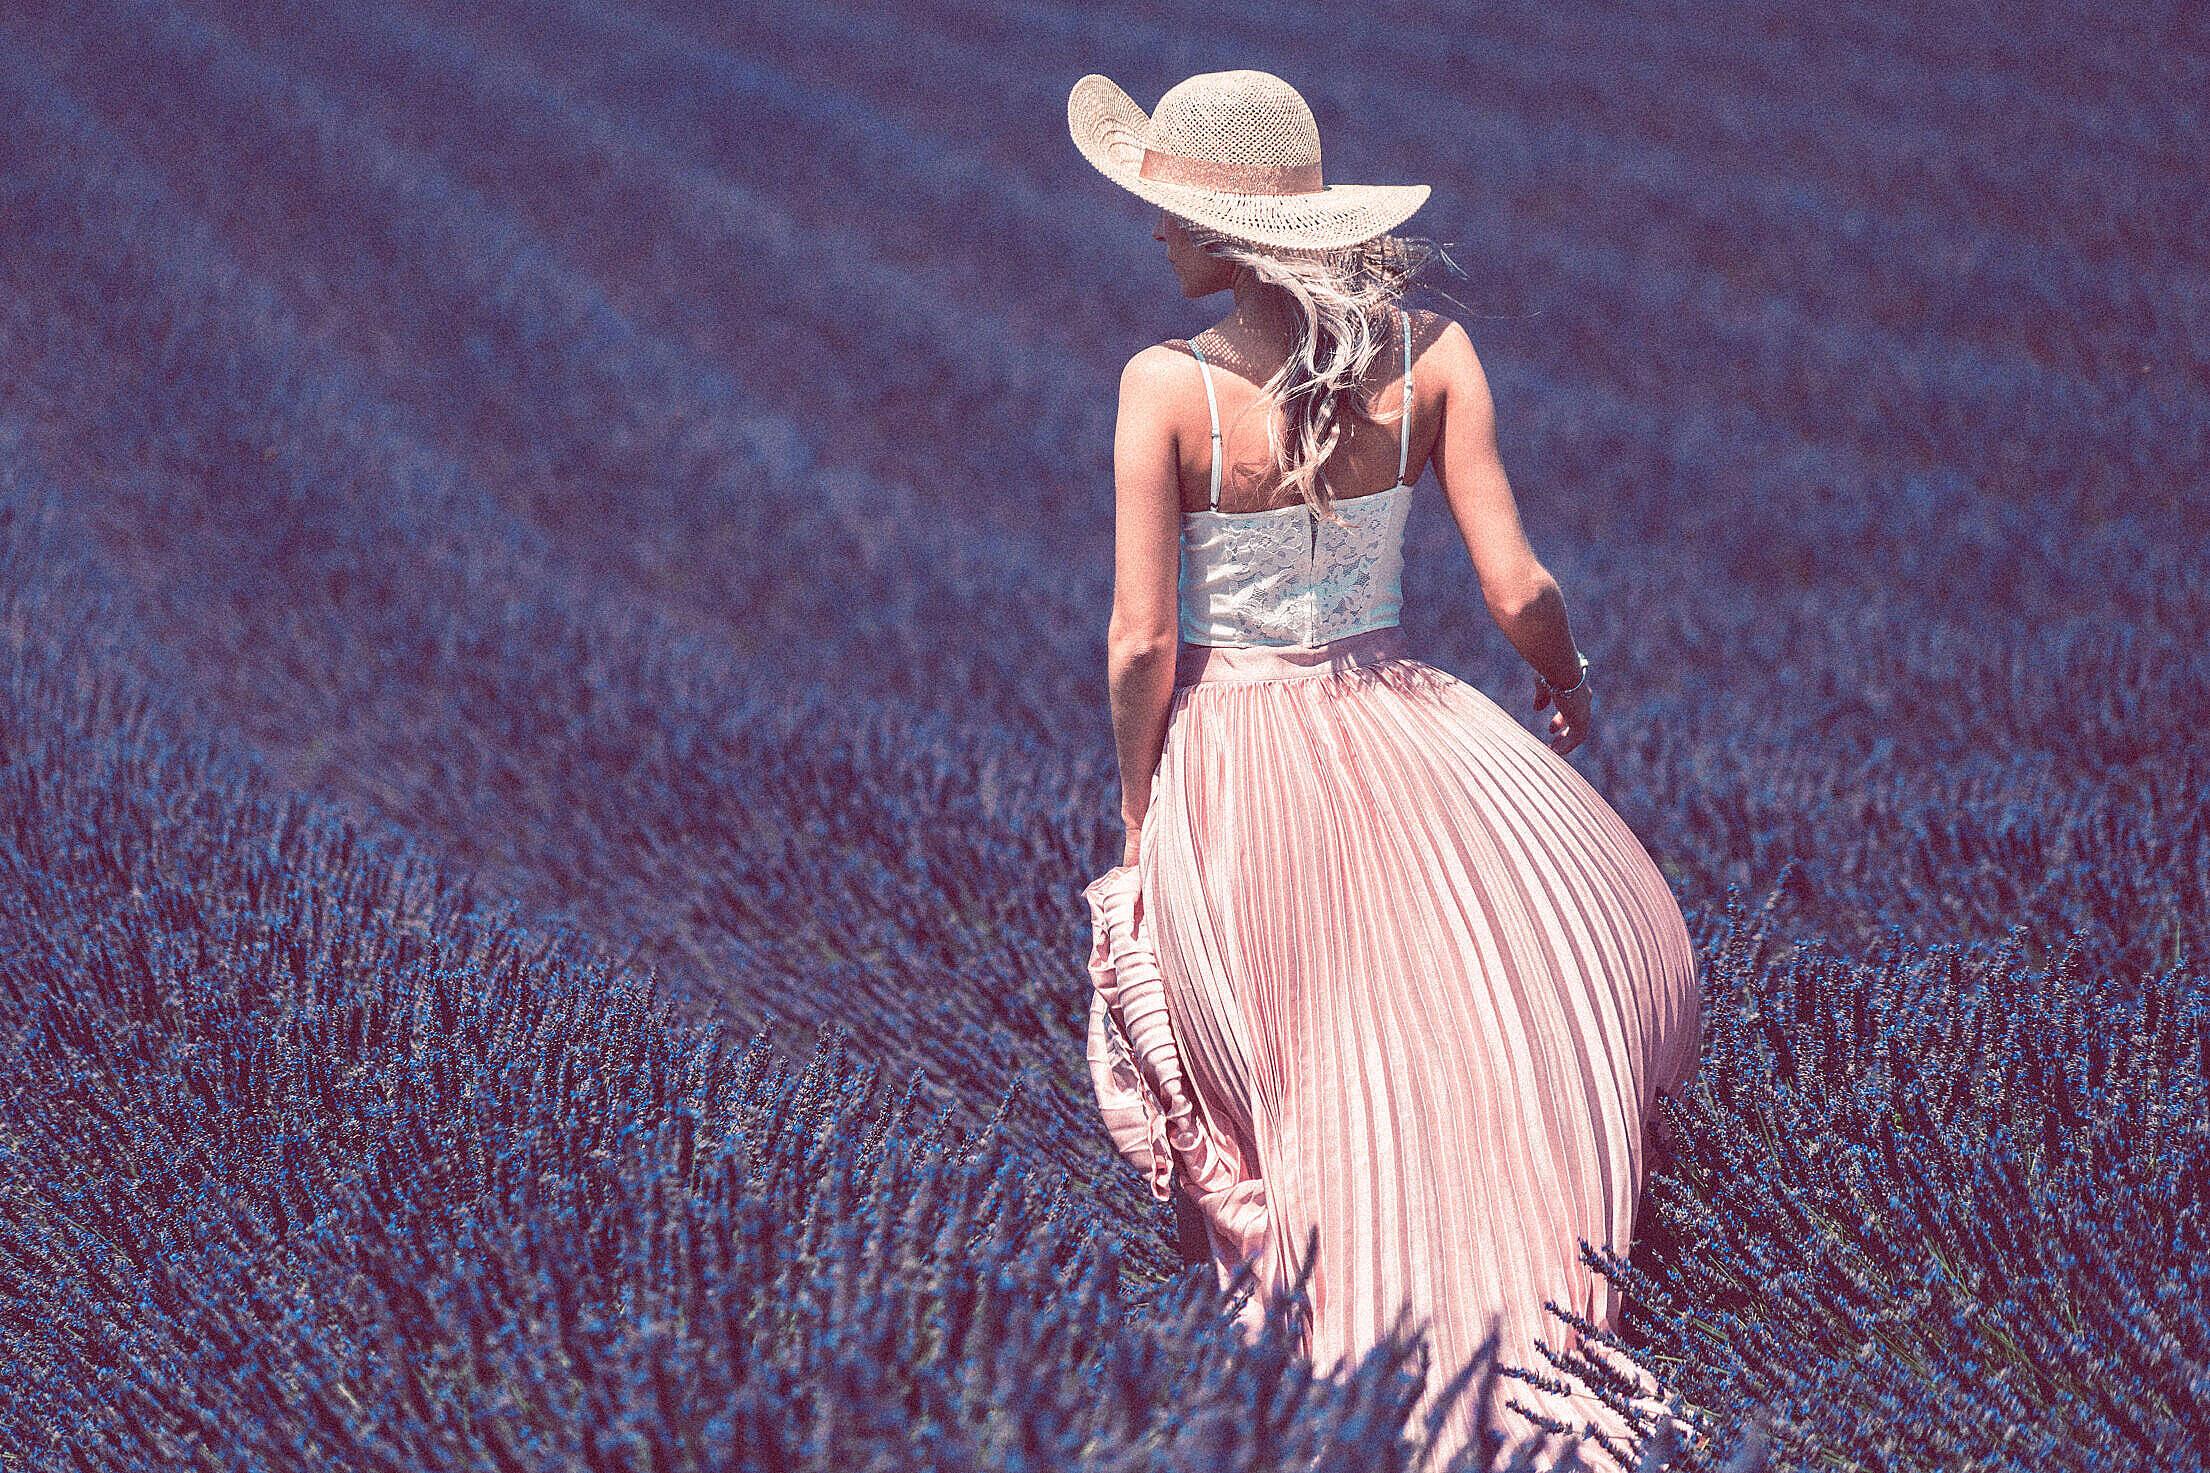 Walking in Lavender Field Free Stock Photo